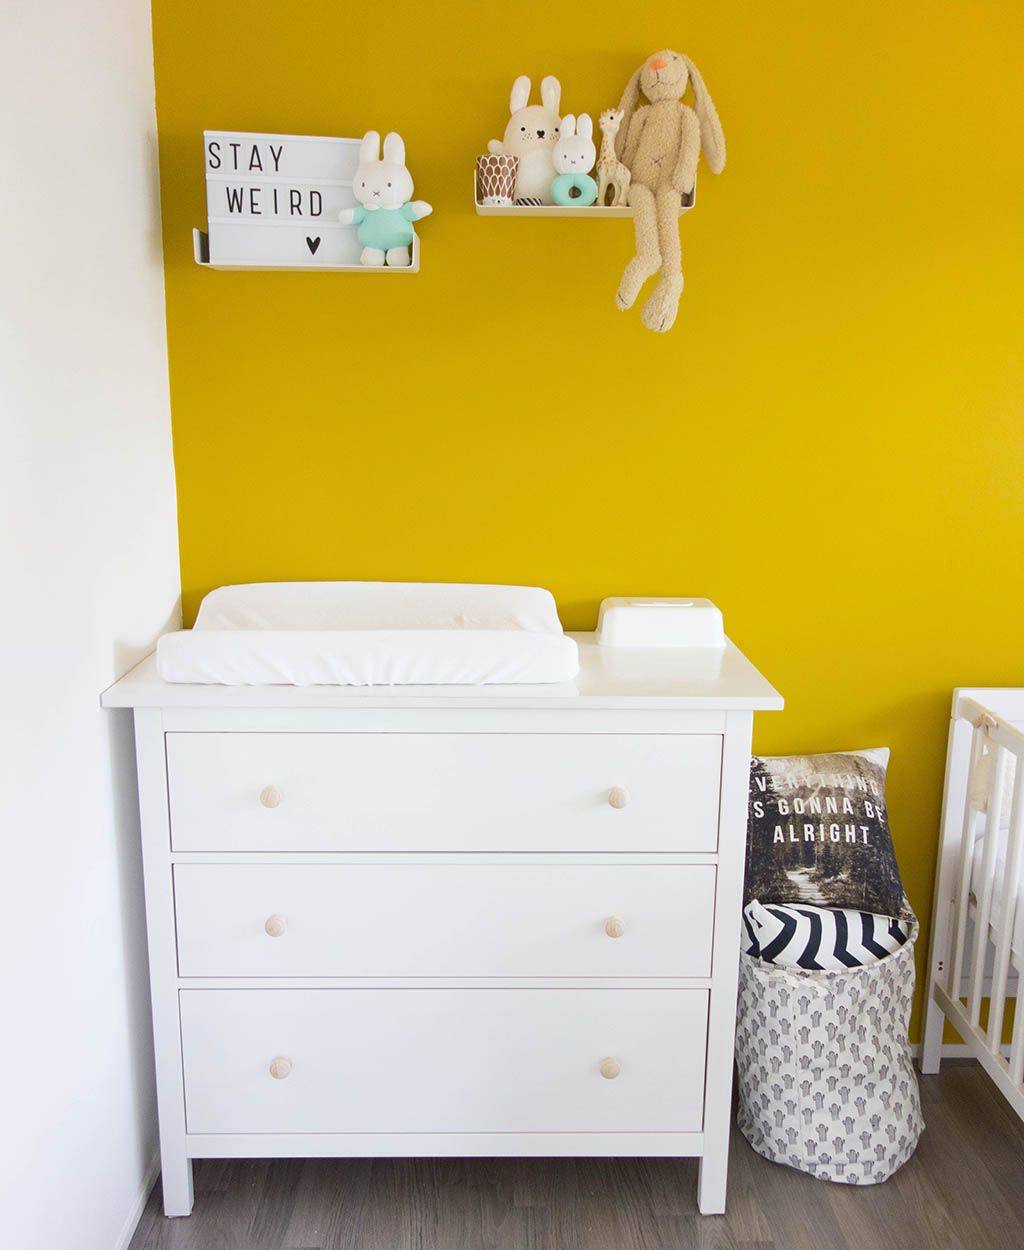 je babykamer inrichten is erg leuk, maar bepalen hoe je de commode, Deco ideeën